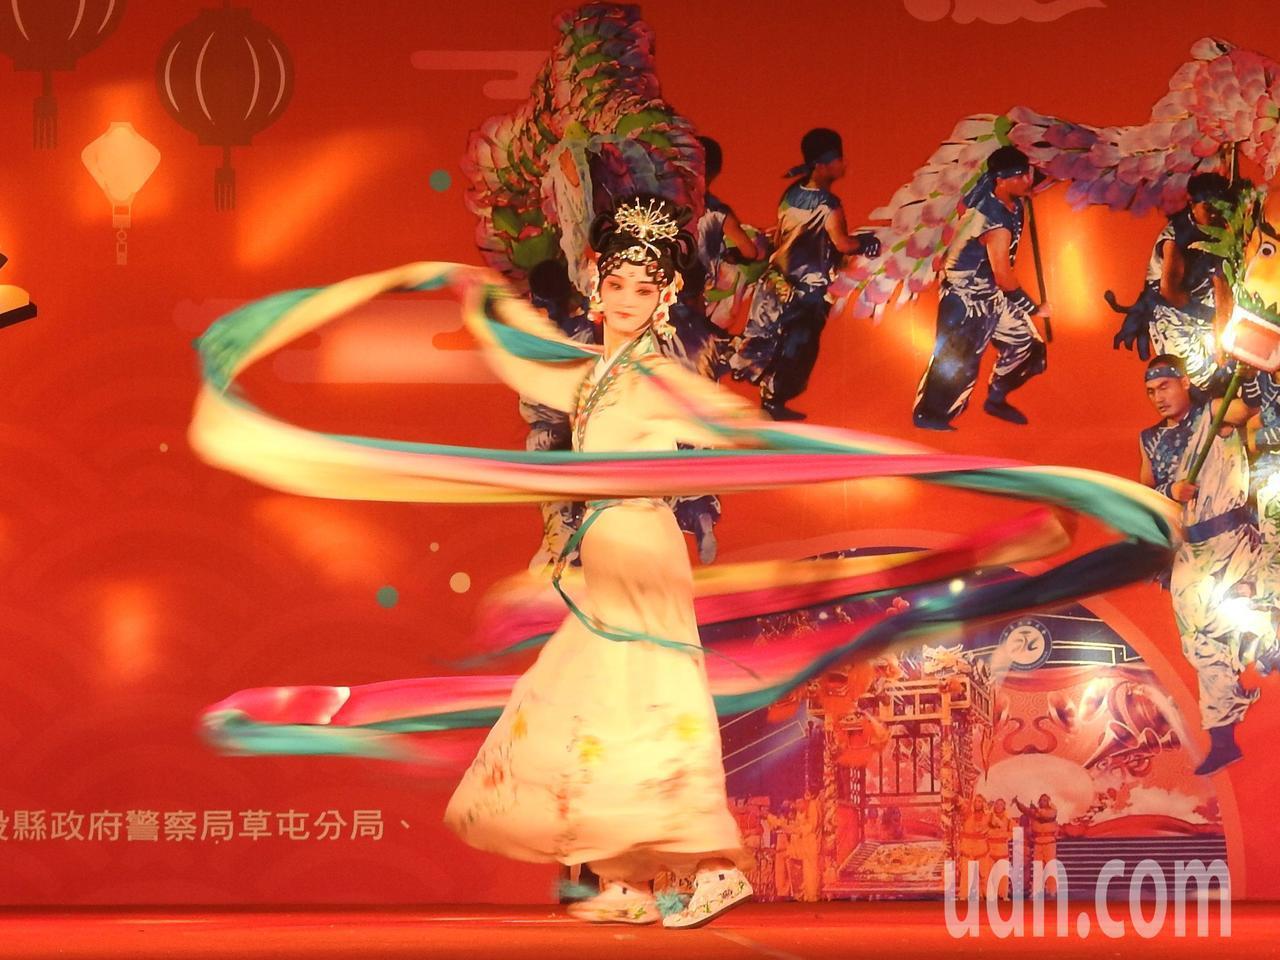 詩畫浙江燈彩藝術表演涵蓋多元,除百葉龍、九獅圖,還有「水袖舞」天女散花等演出。記...